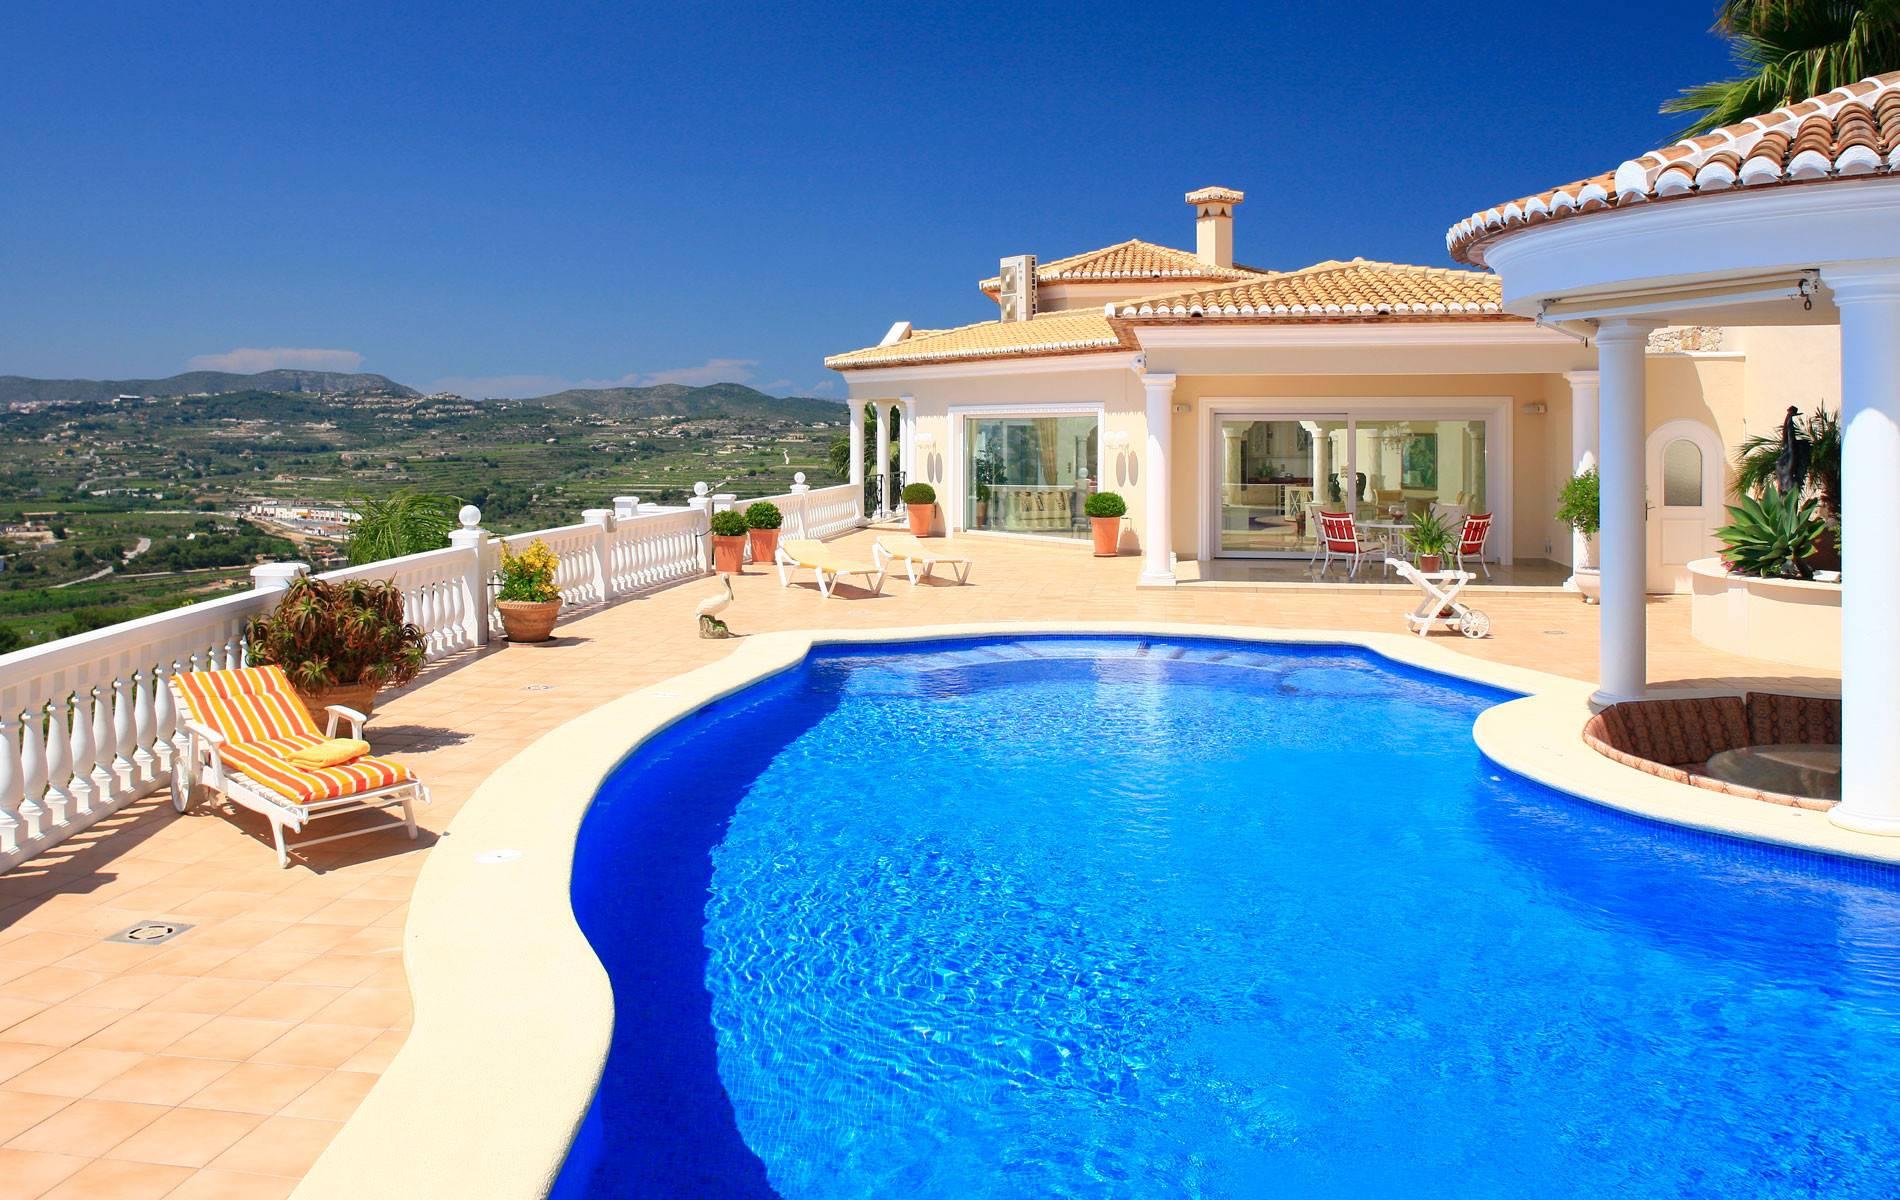 Недвижимость в стране испания - 33920 предложений